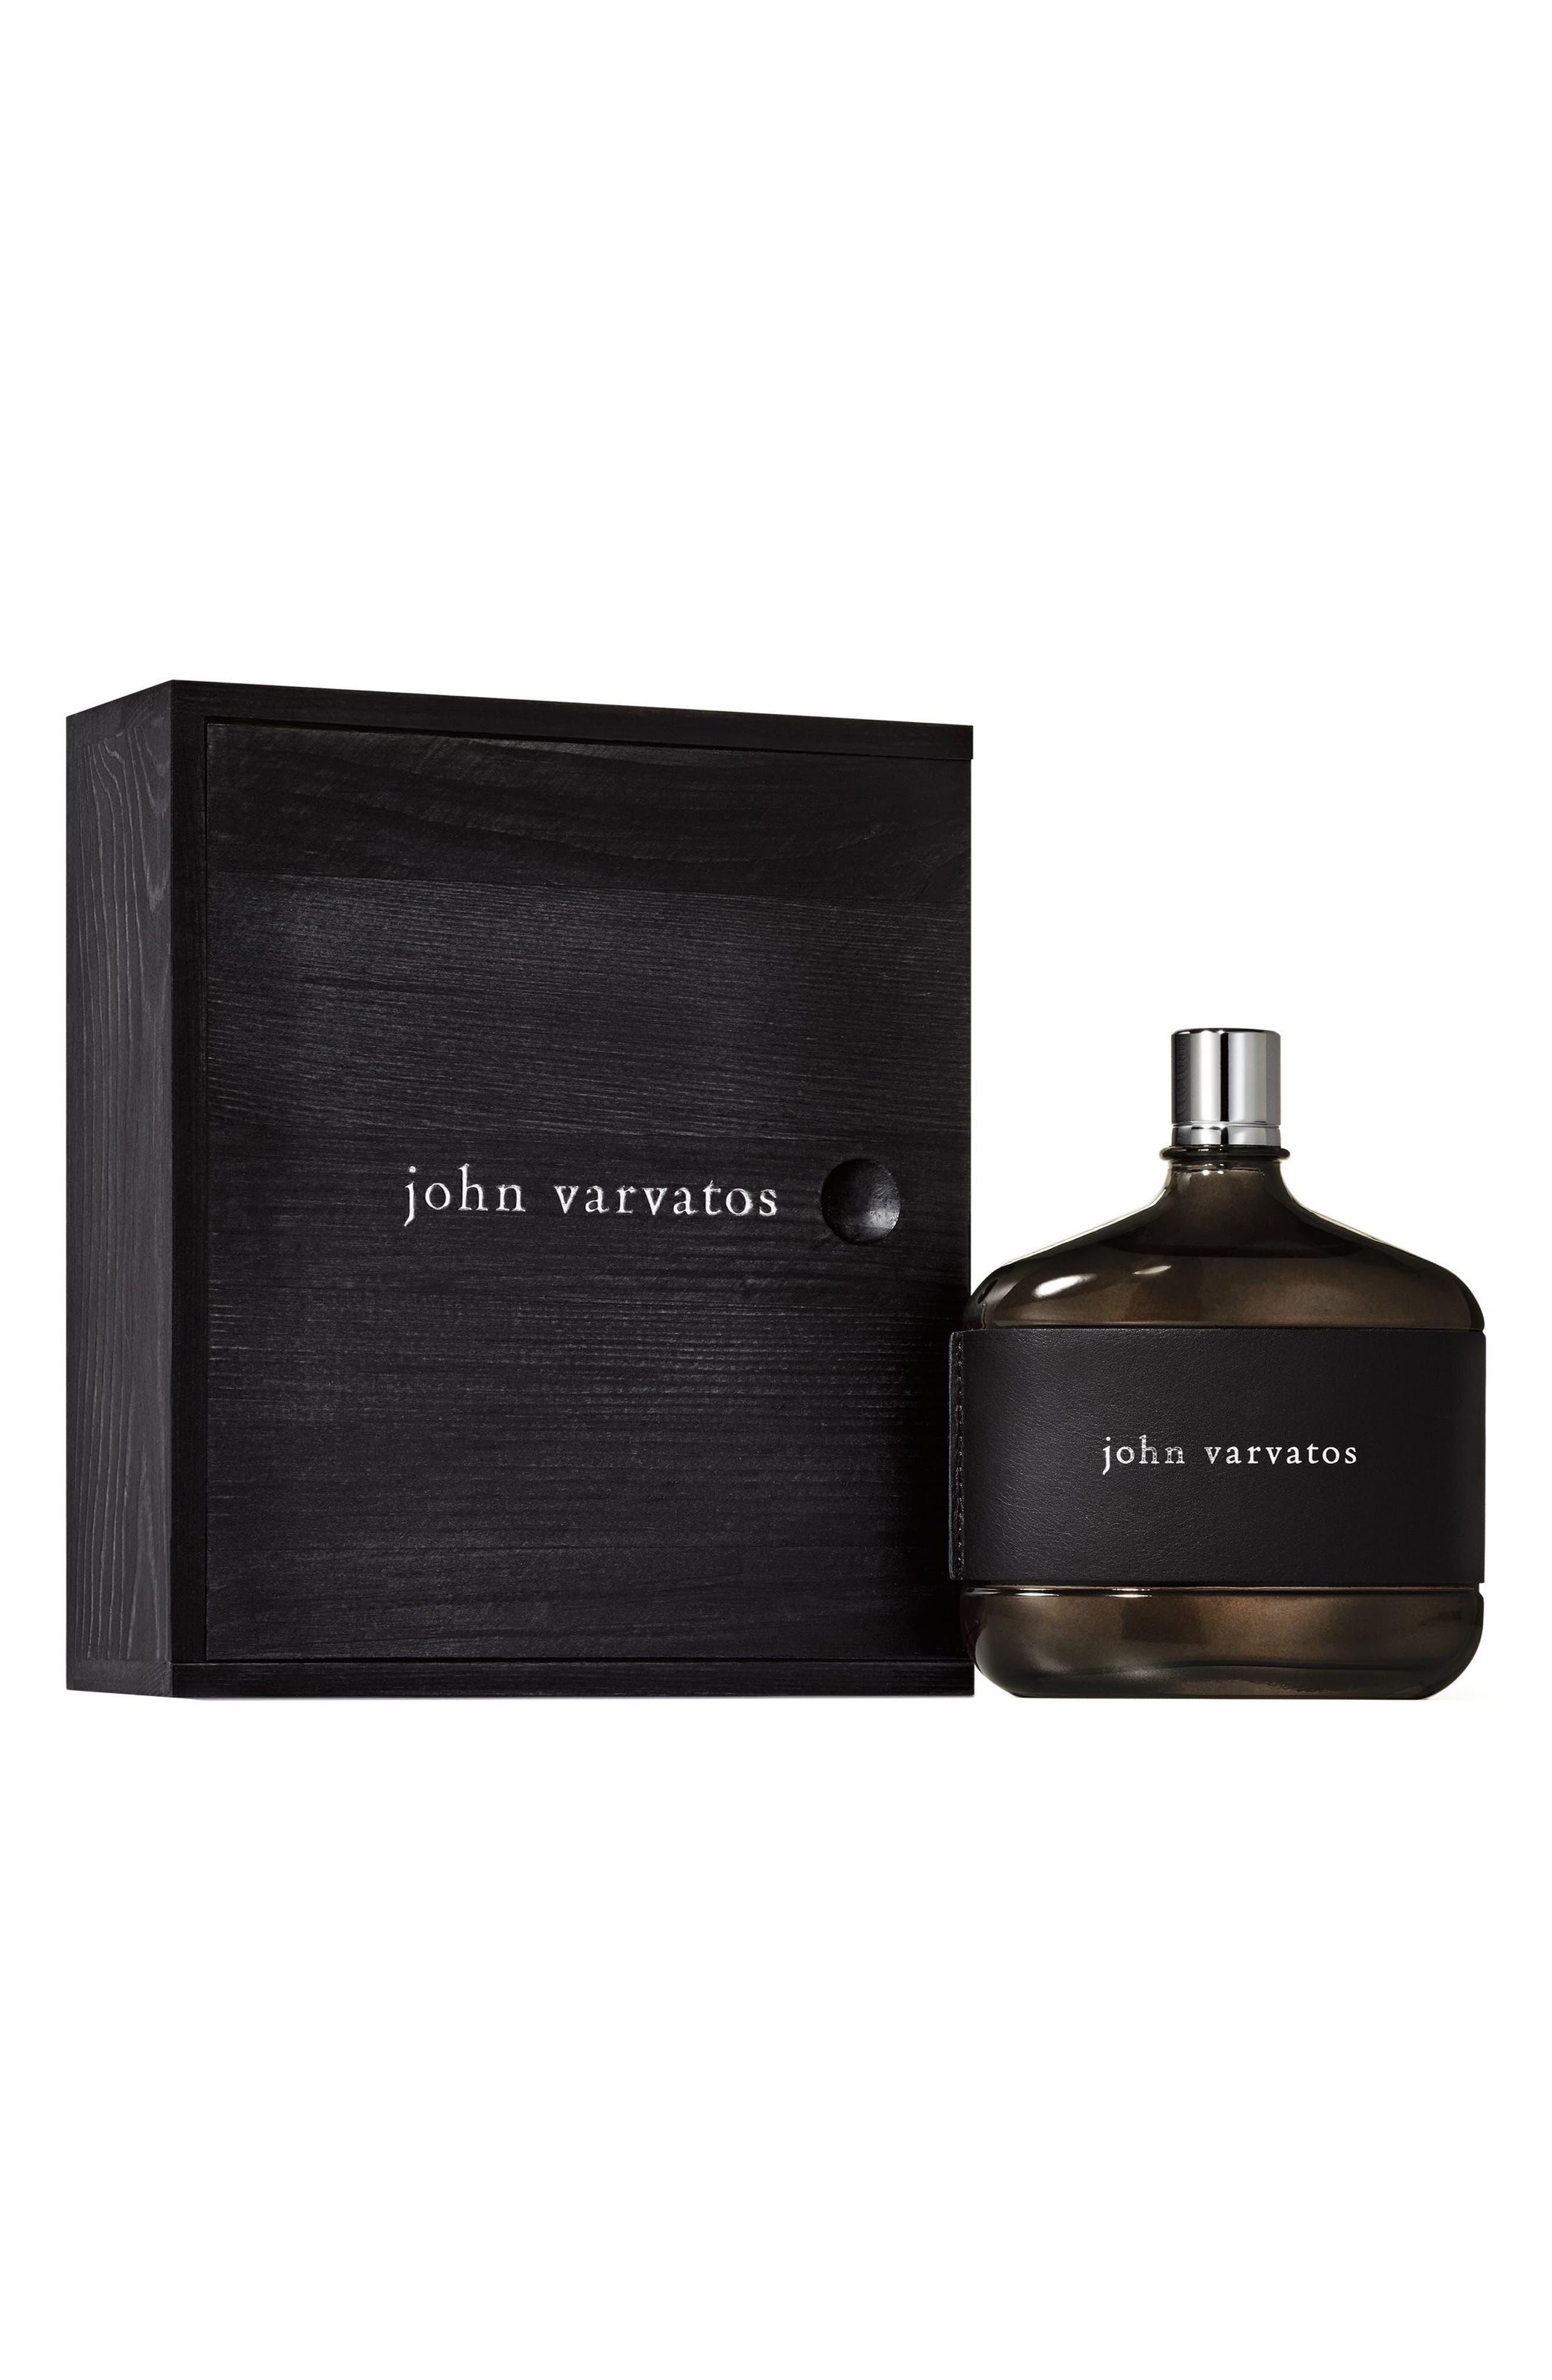 John Varvatos Eau De Toilette (Limited Edition)